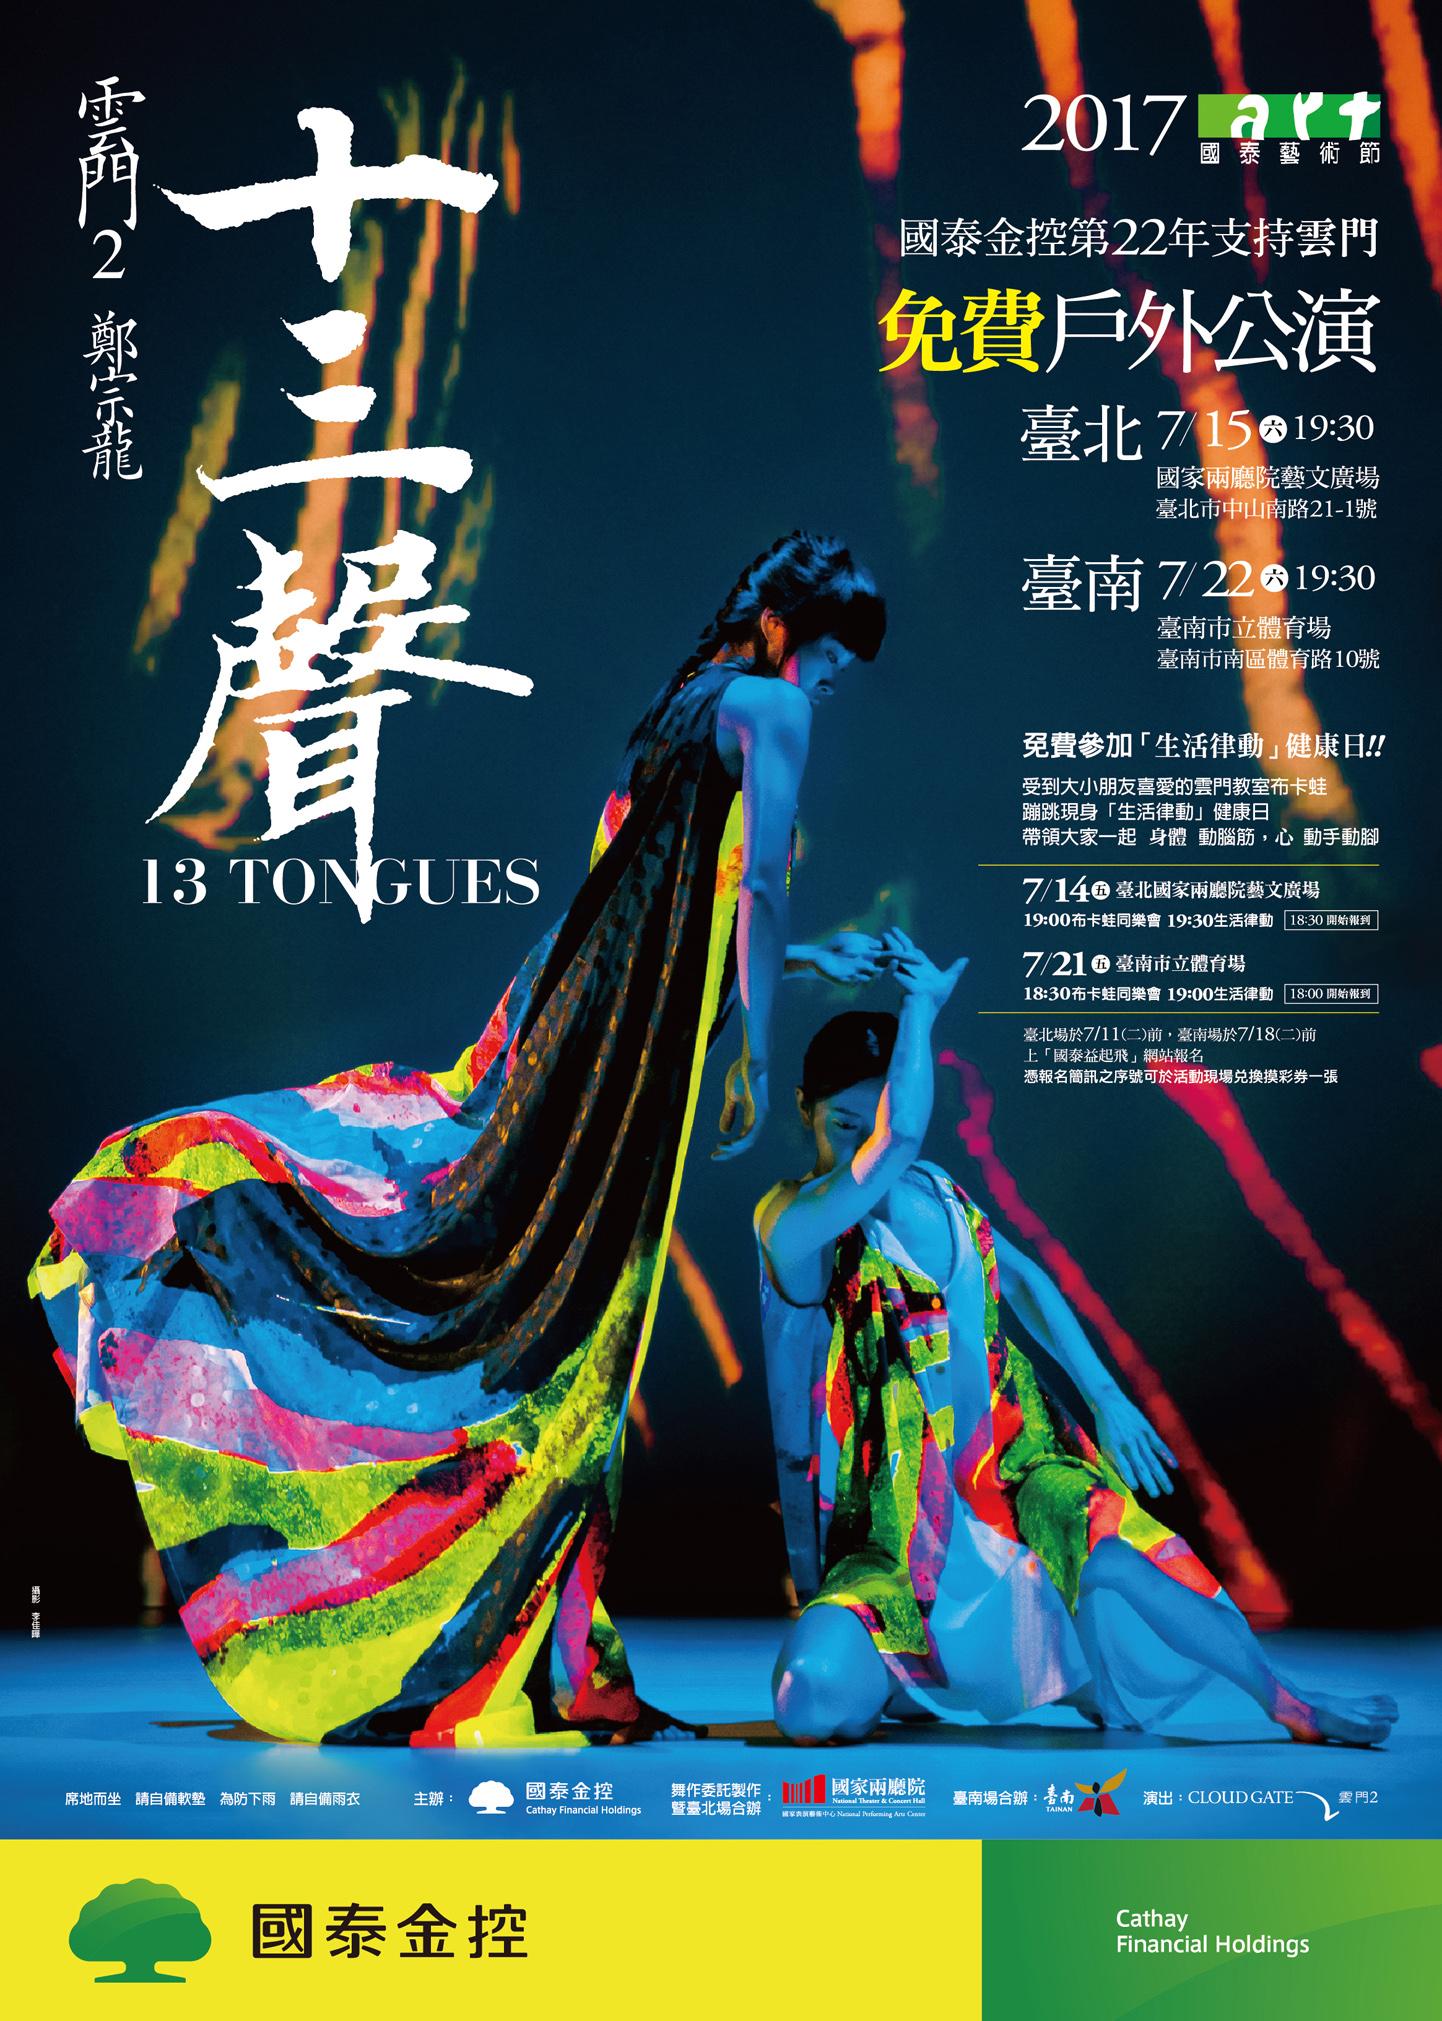 雲門戶外公演《十三聲》於7/22週六晚間7:30在臺南市立體育場演出,免費入場,歡迎蒞臨欣賞。